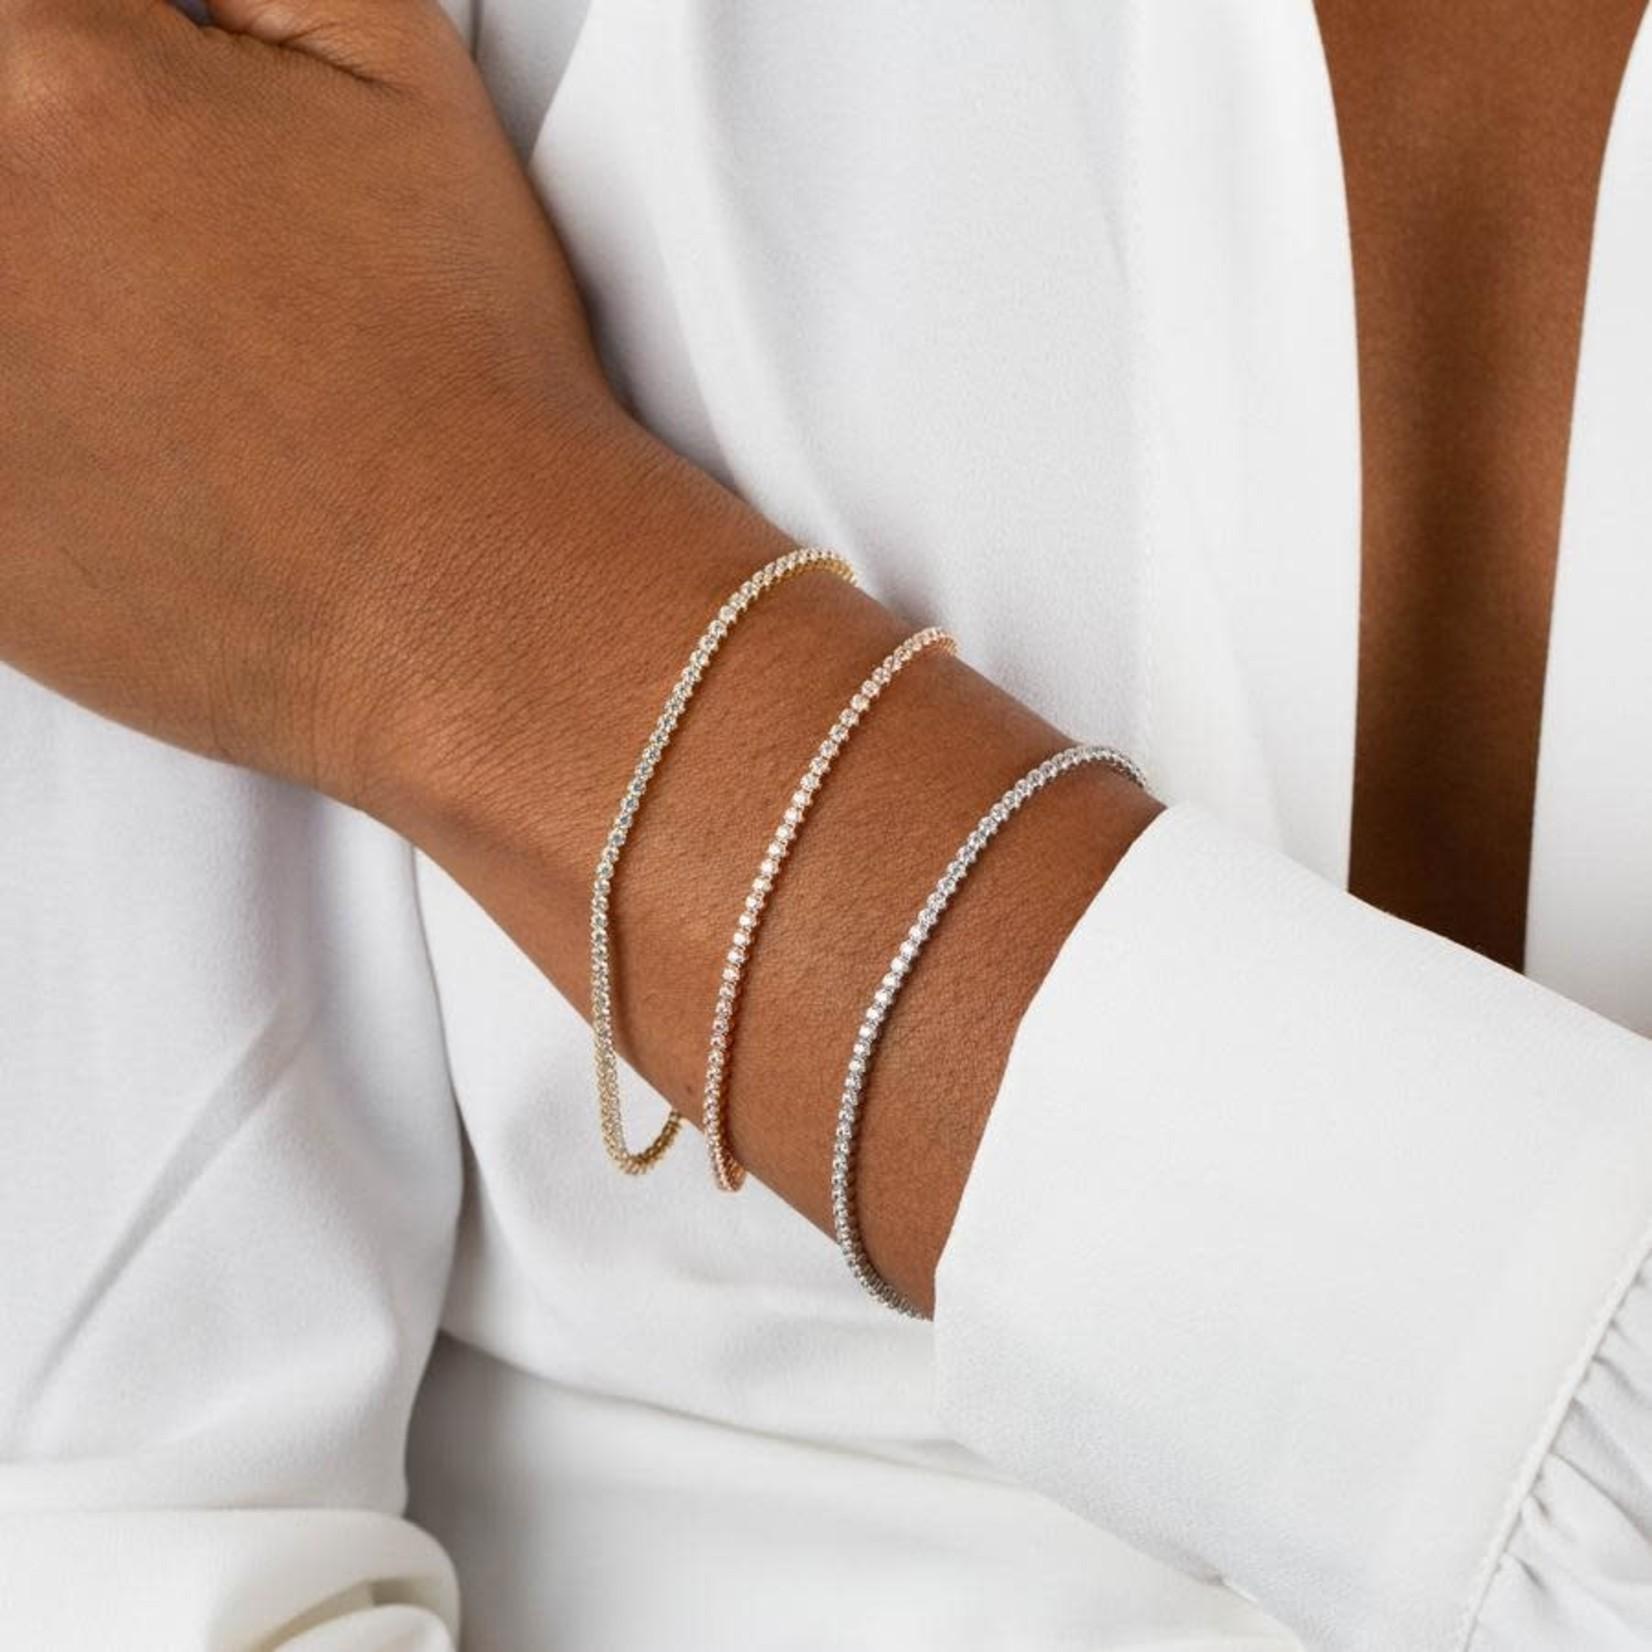 Adinas CZ Bezel Tennis Bracelet 14k